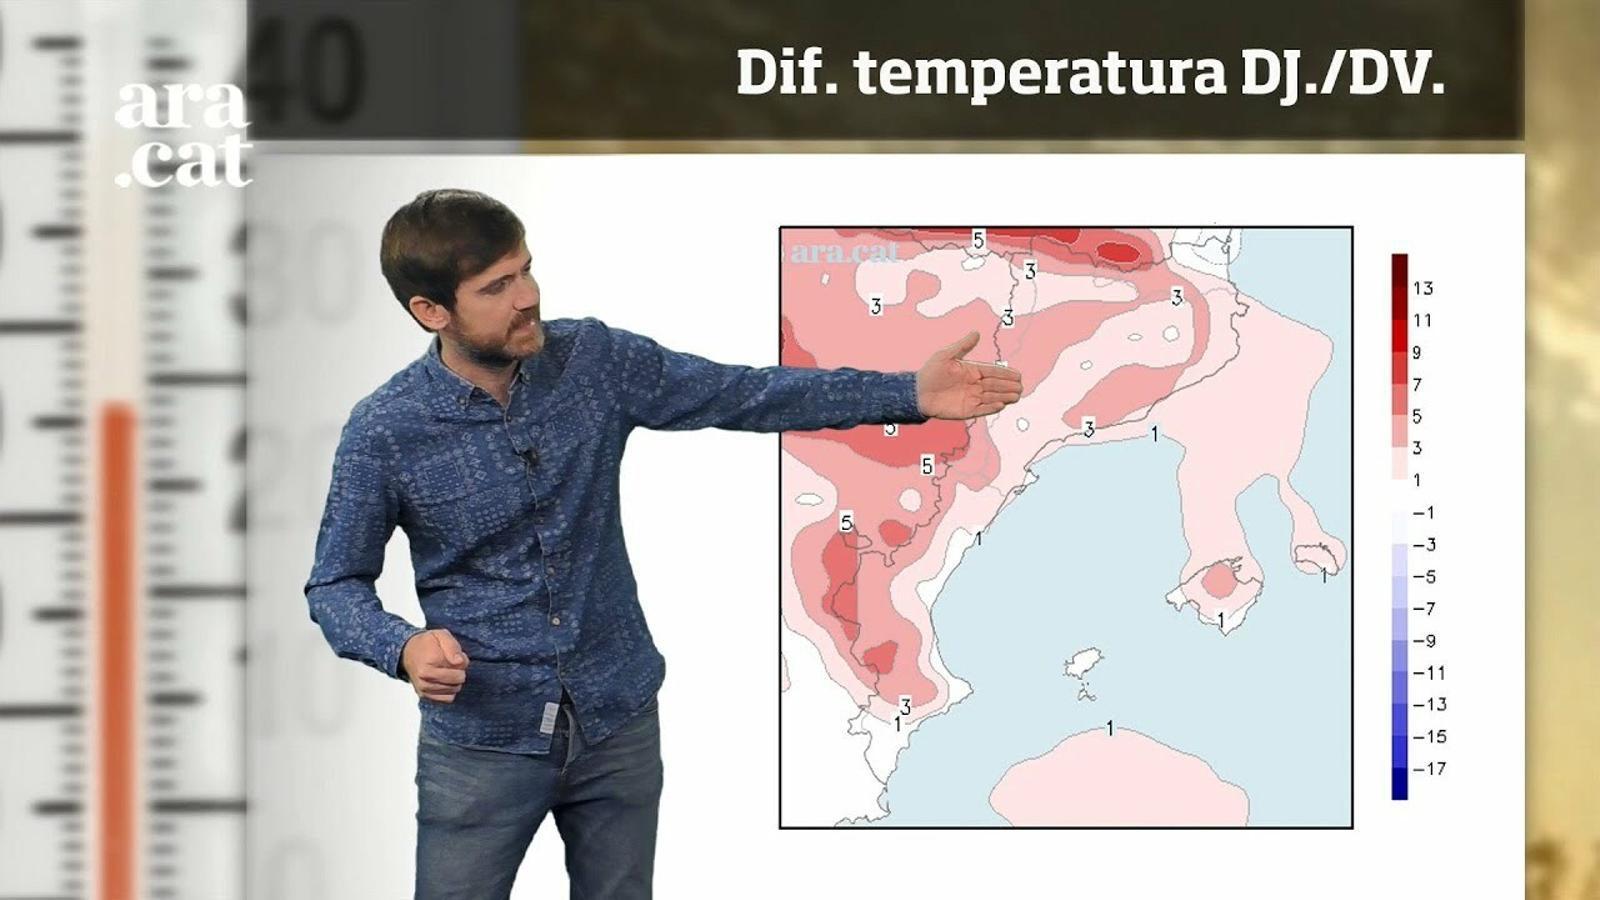 Méteo especial: última revifada de la calor abans d'un canvi que ens portarà la tardor